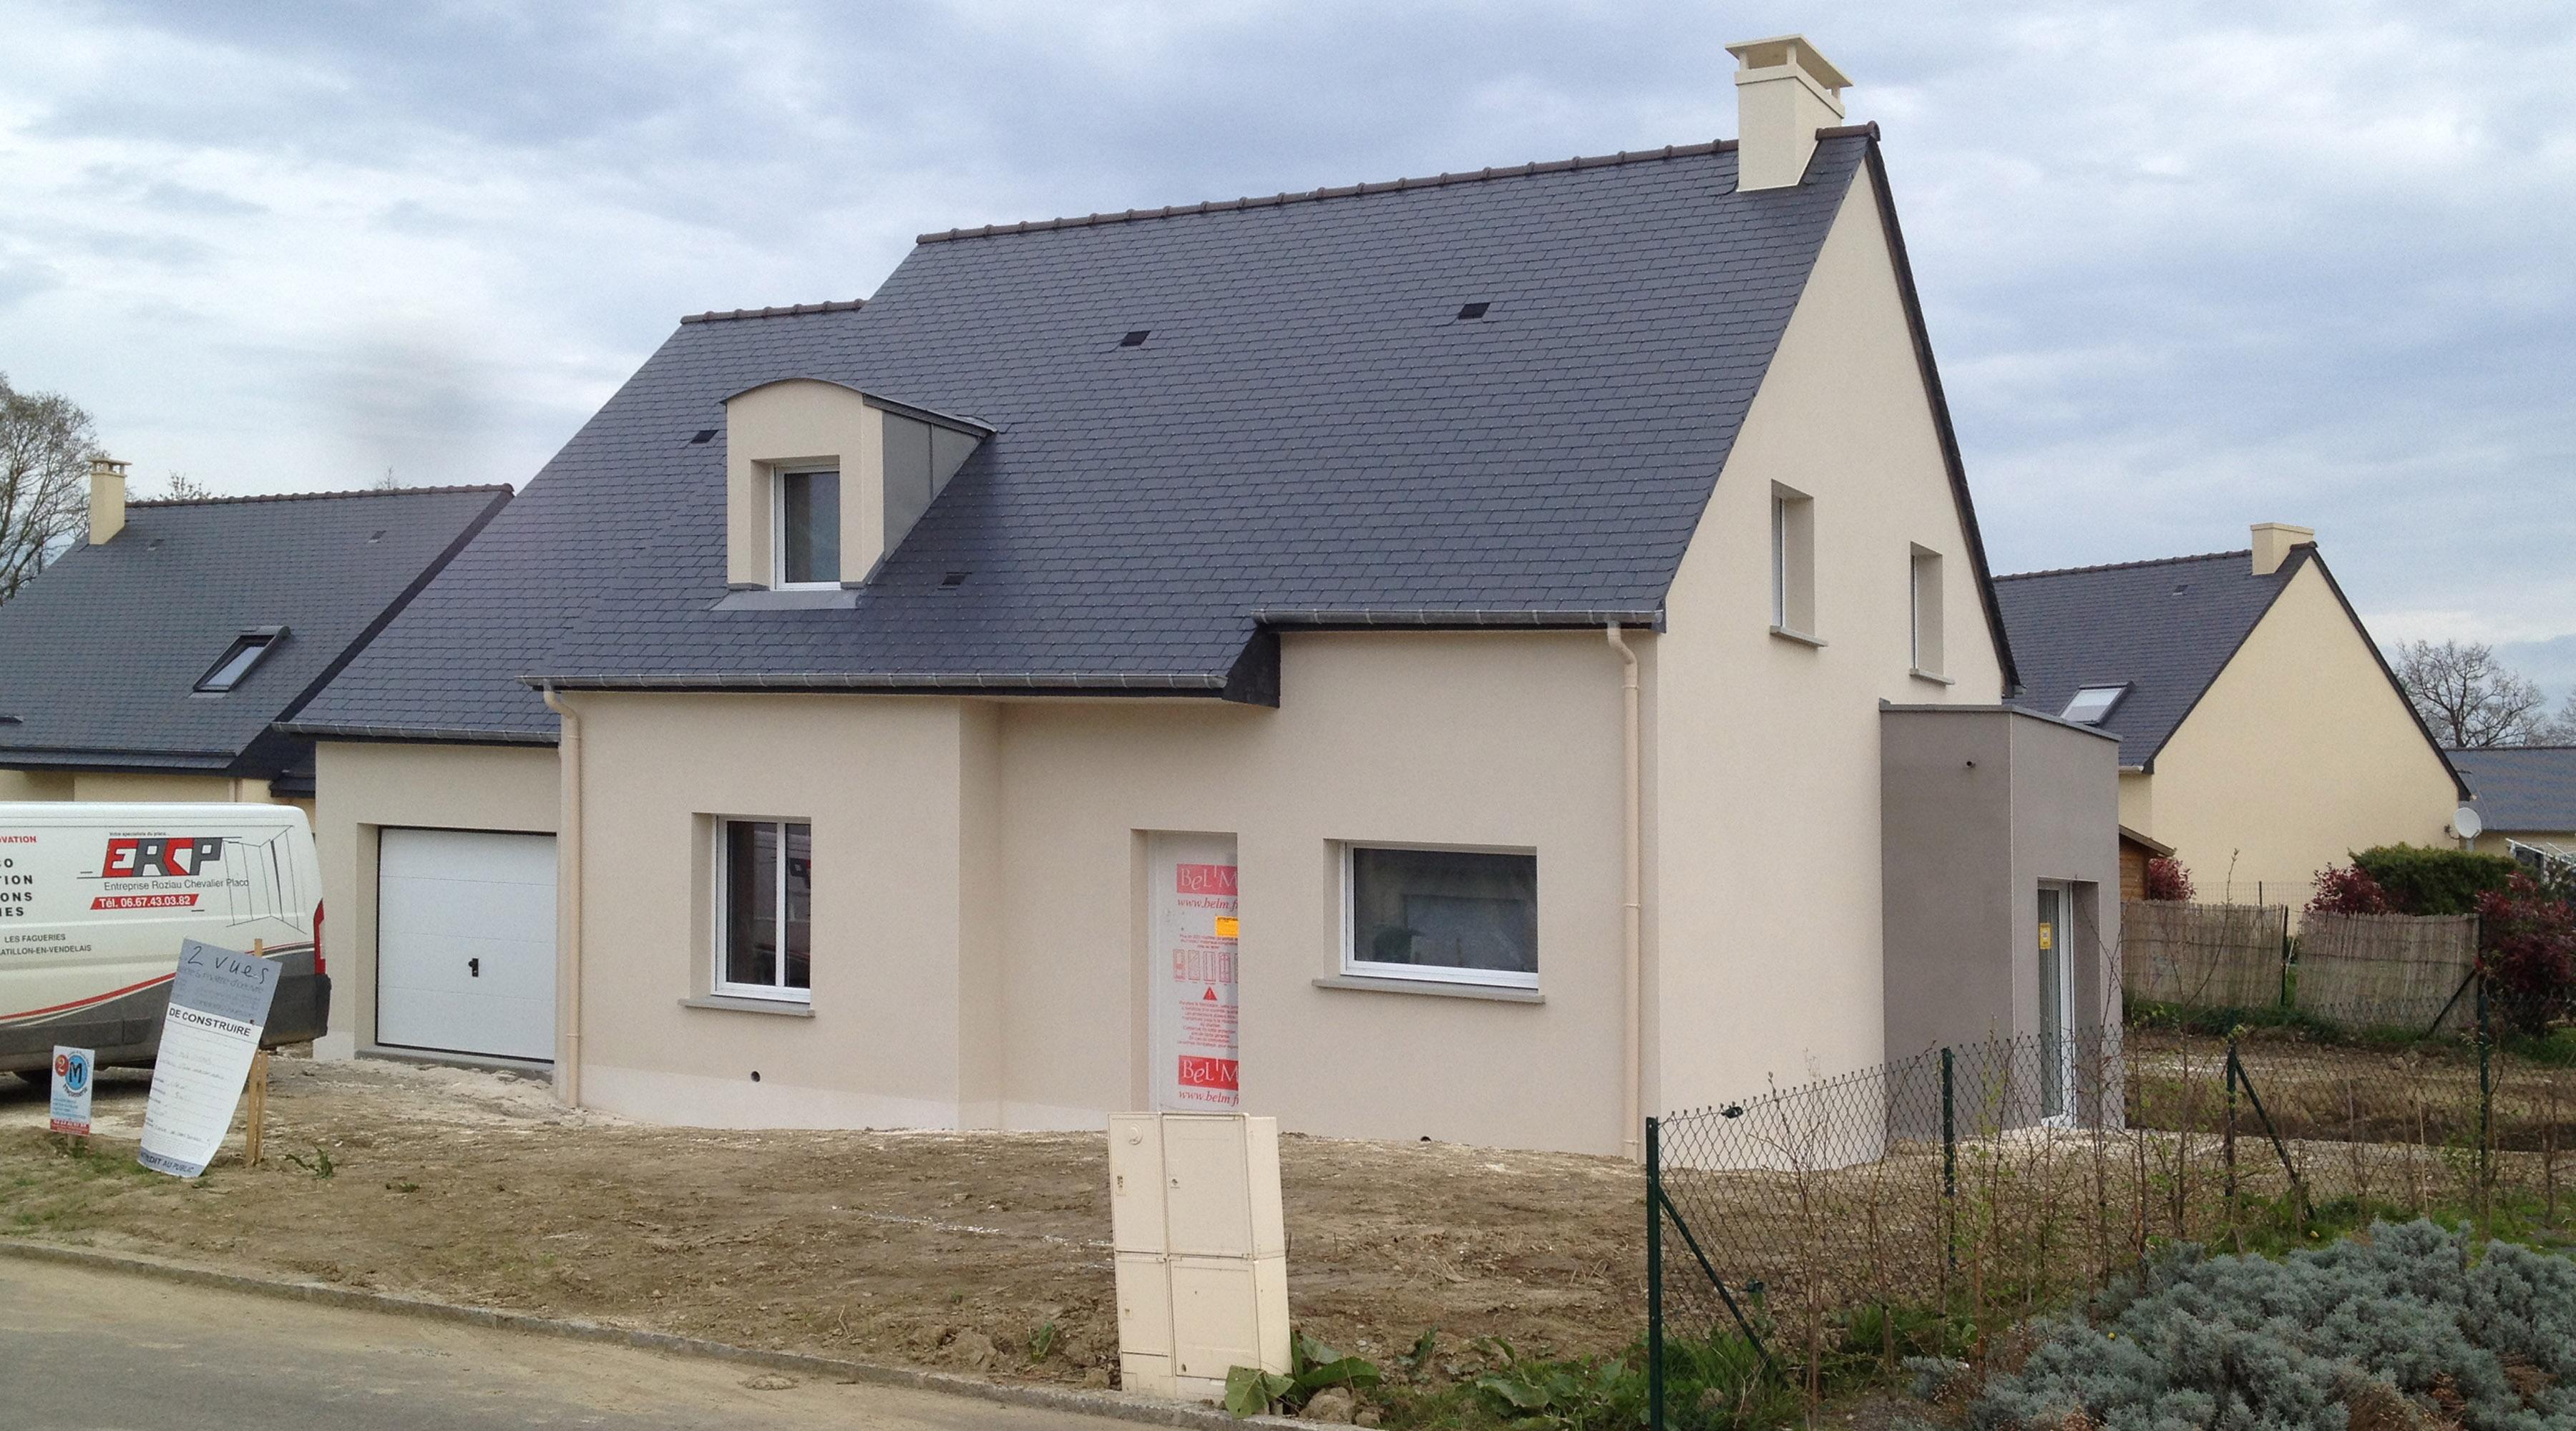 projet b g 1 2 vue architecte lise roturier rennes 35000. Black Bedroom Furniture Sets. Home Design Ideas